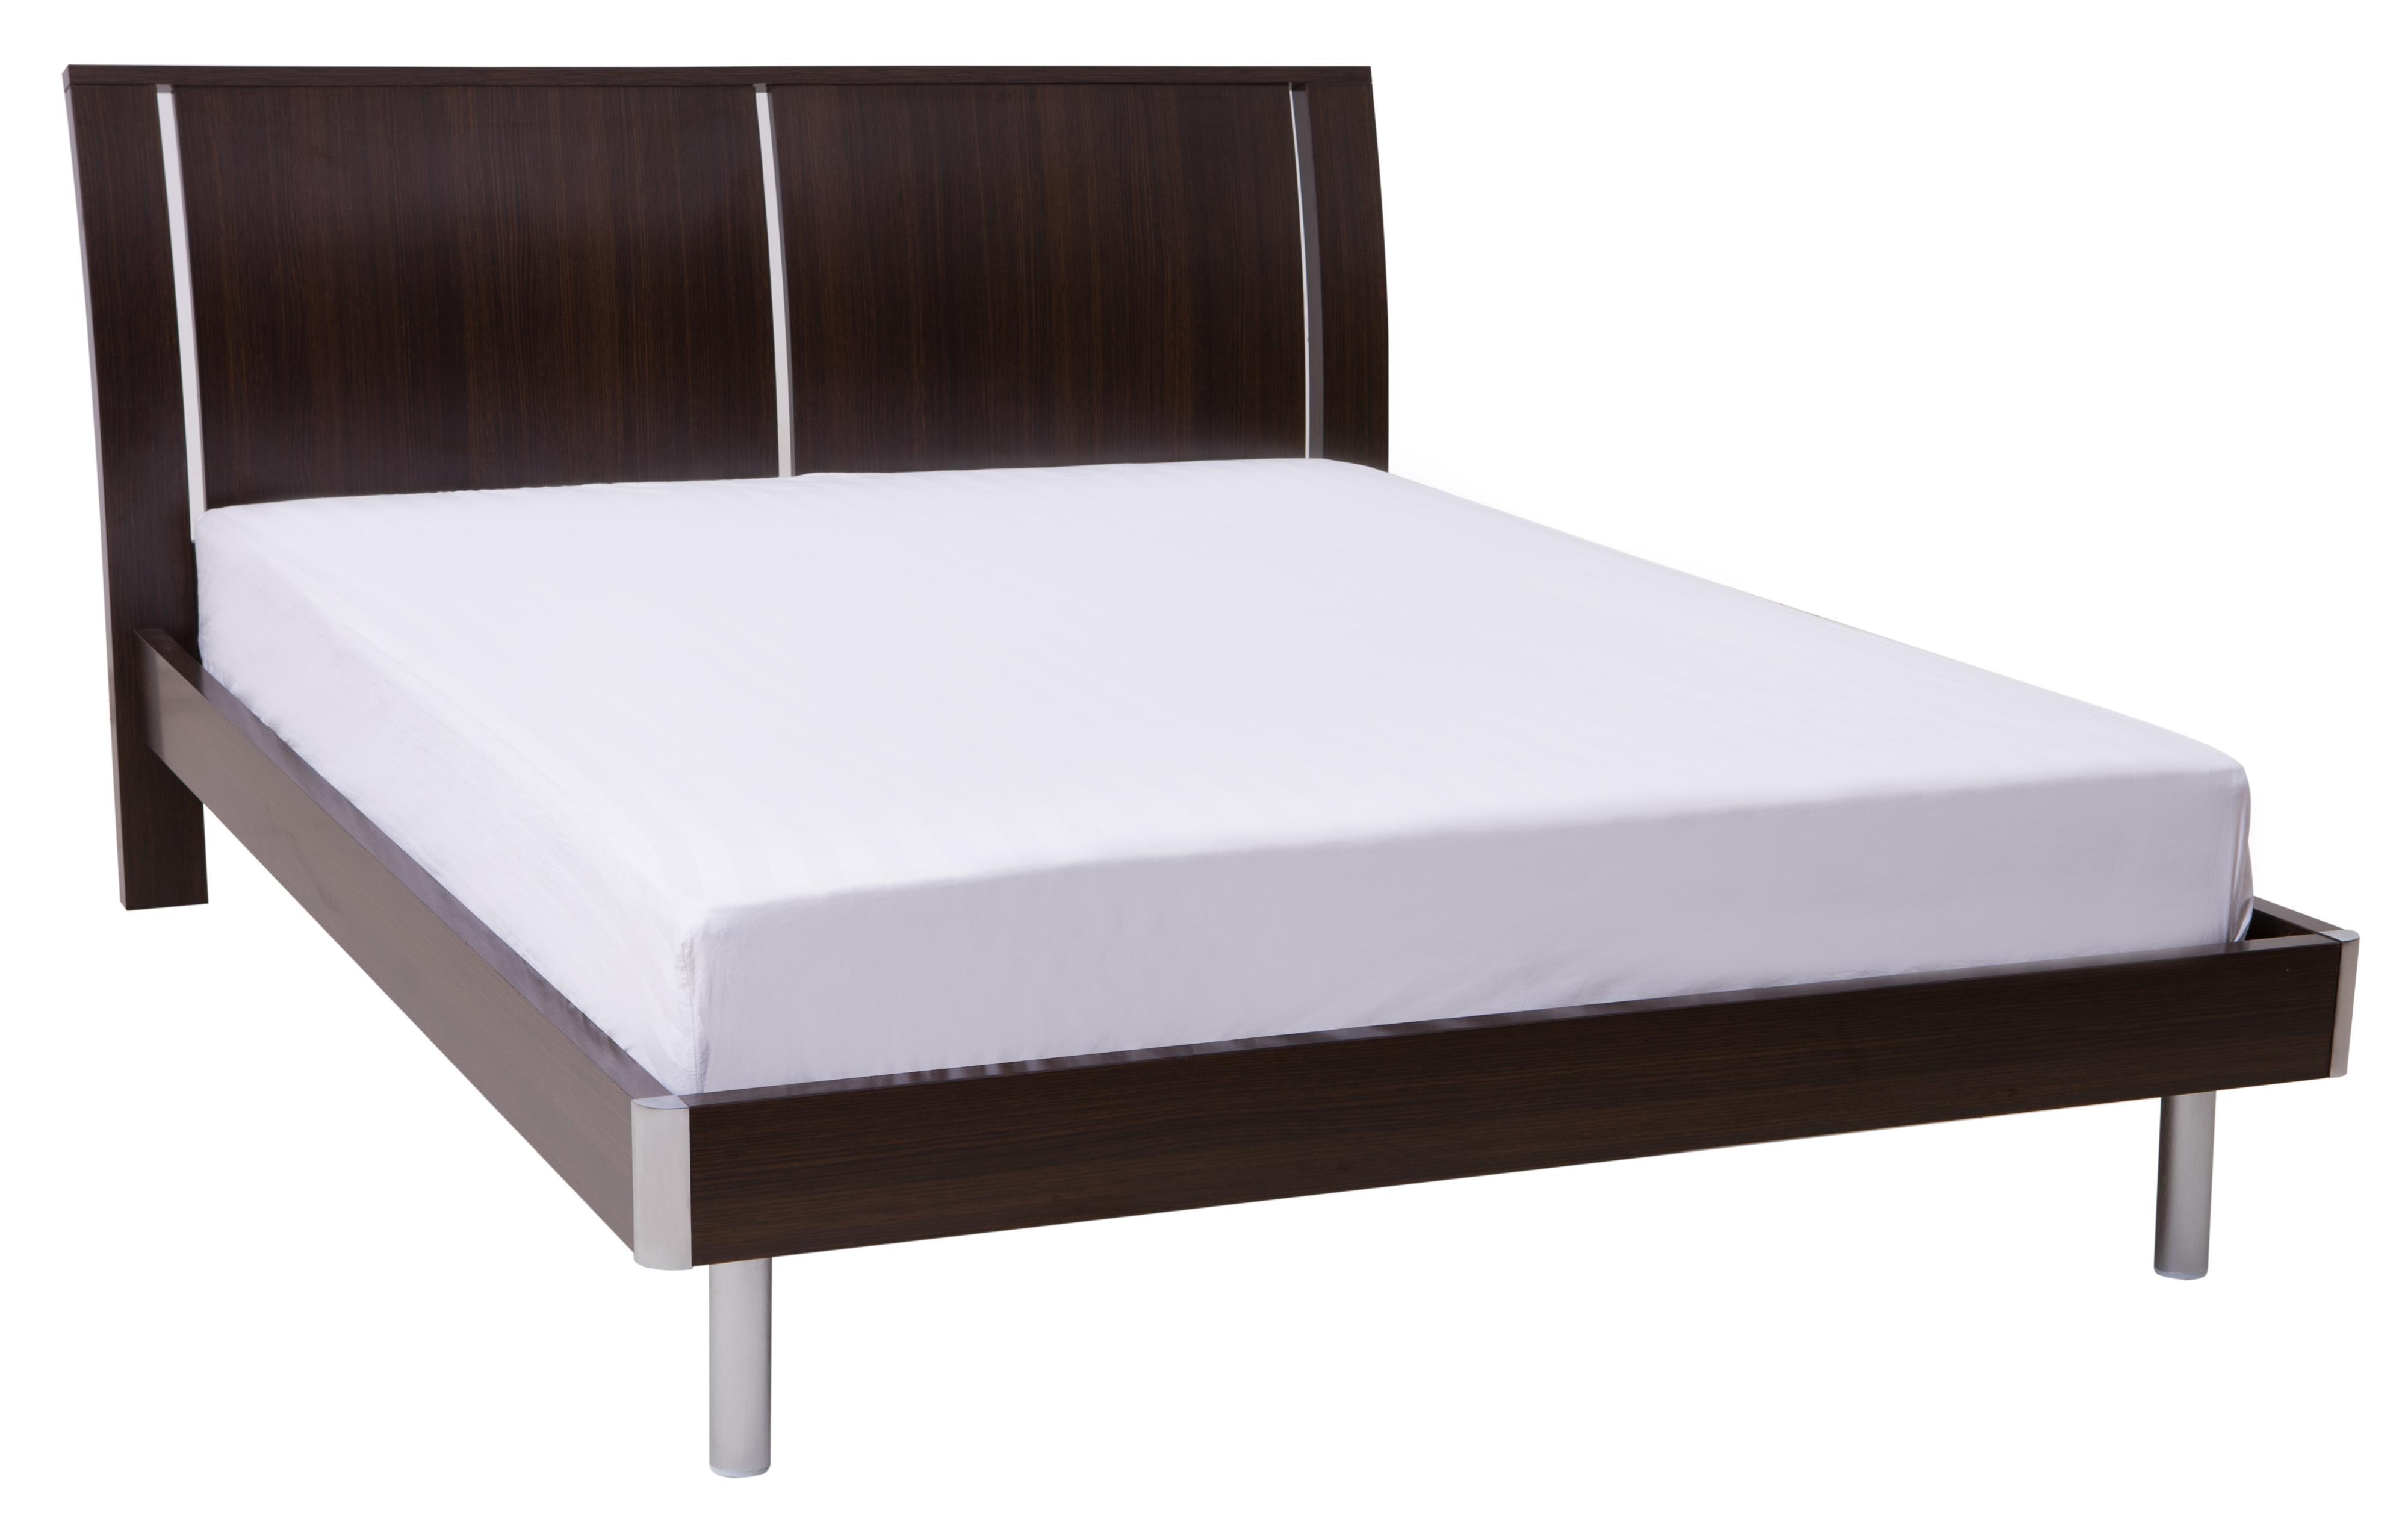 California king bed mattress and box spring leggett u0026 California king box spring